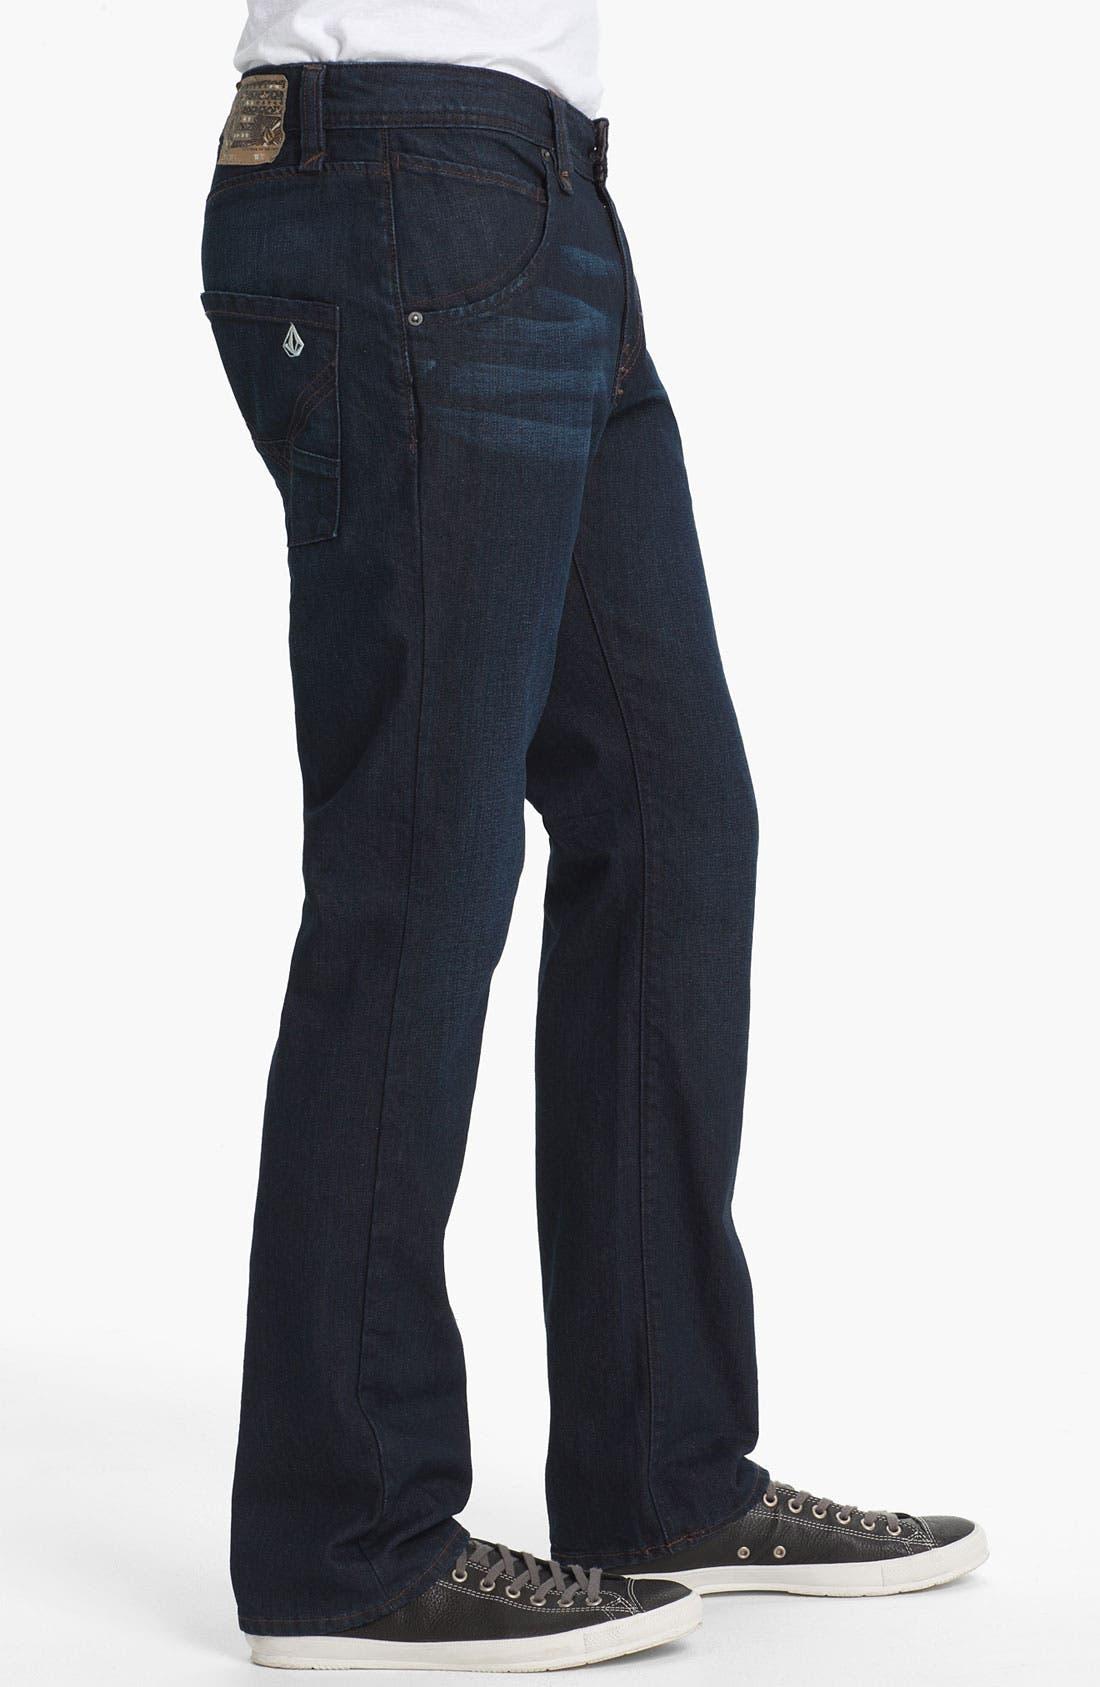 Alternate Image 3  - Volcom 'Nova' Slim Straight Leg Jeans (VC02) (Online Only)